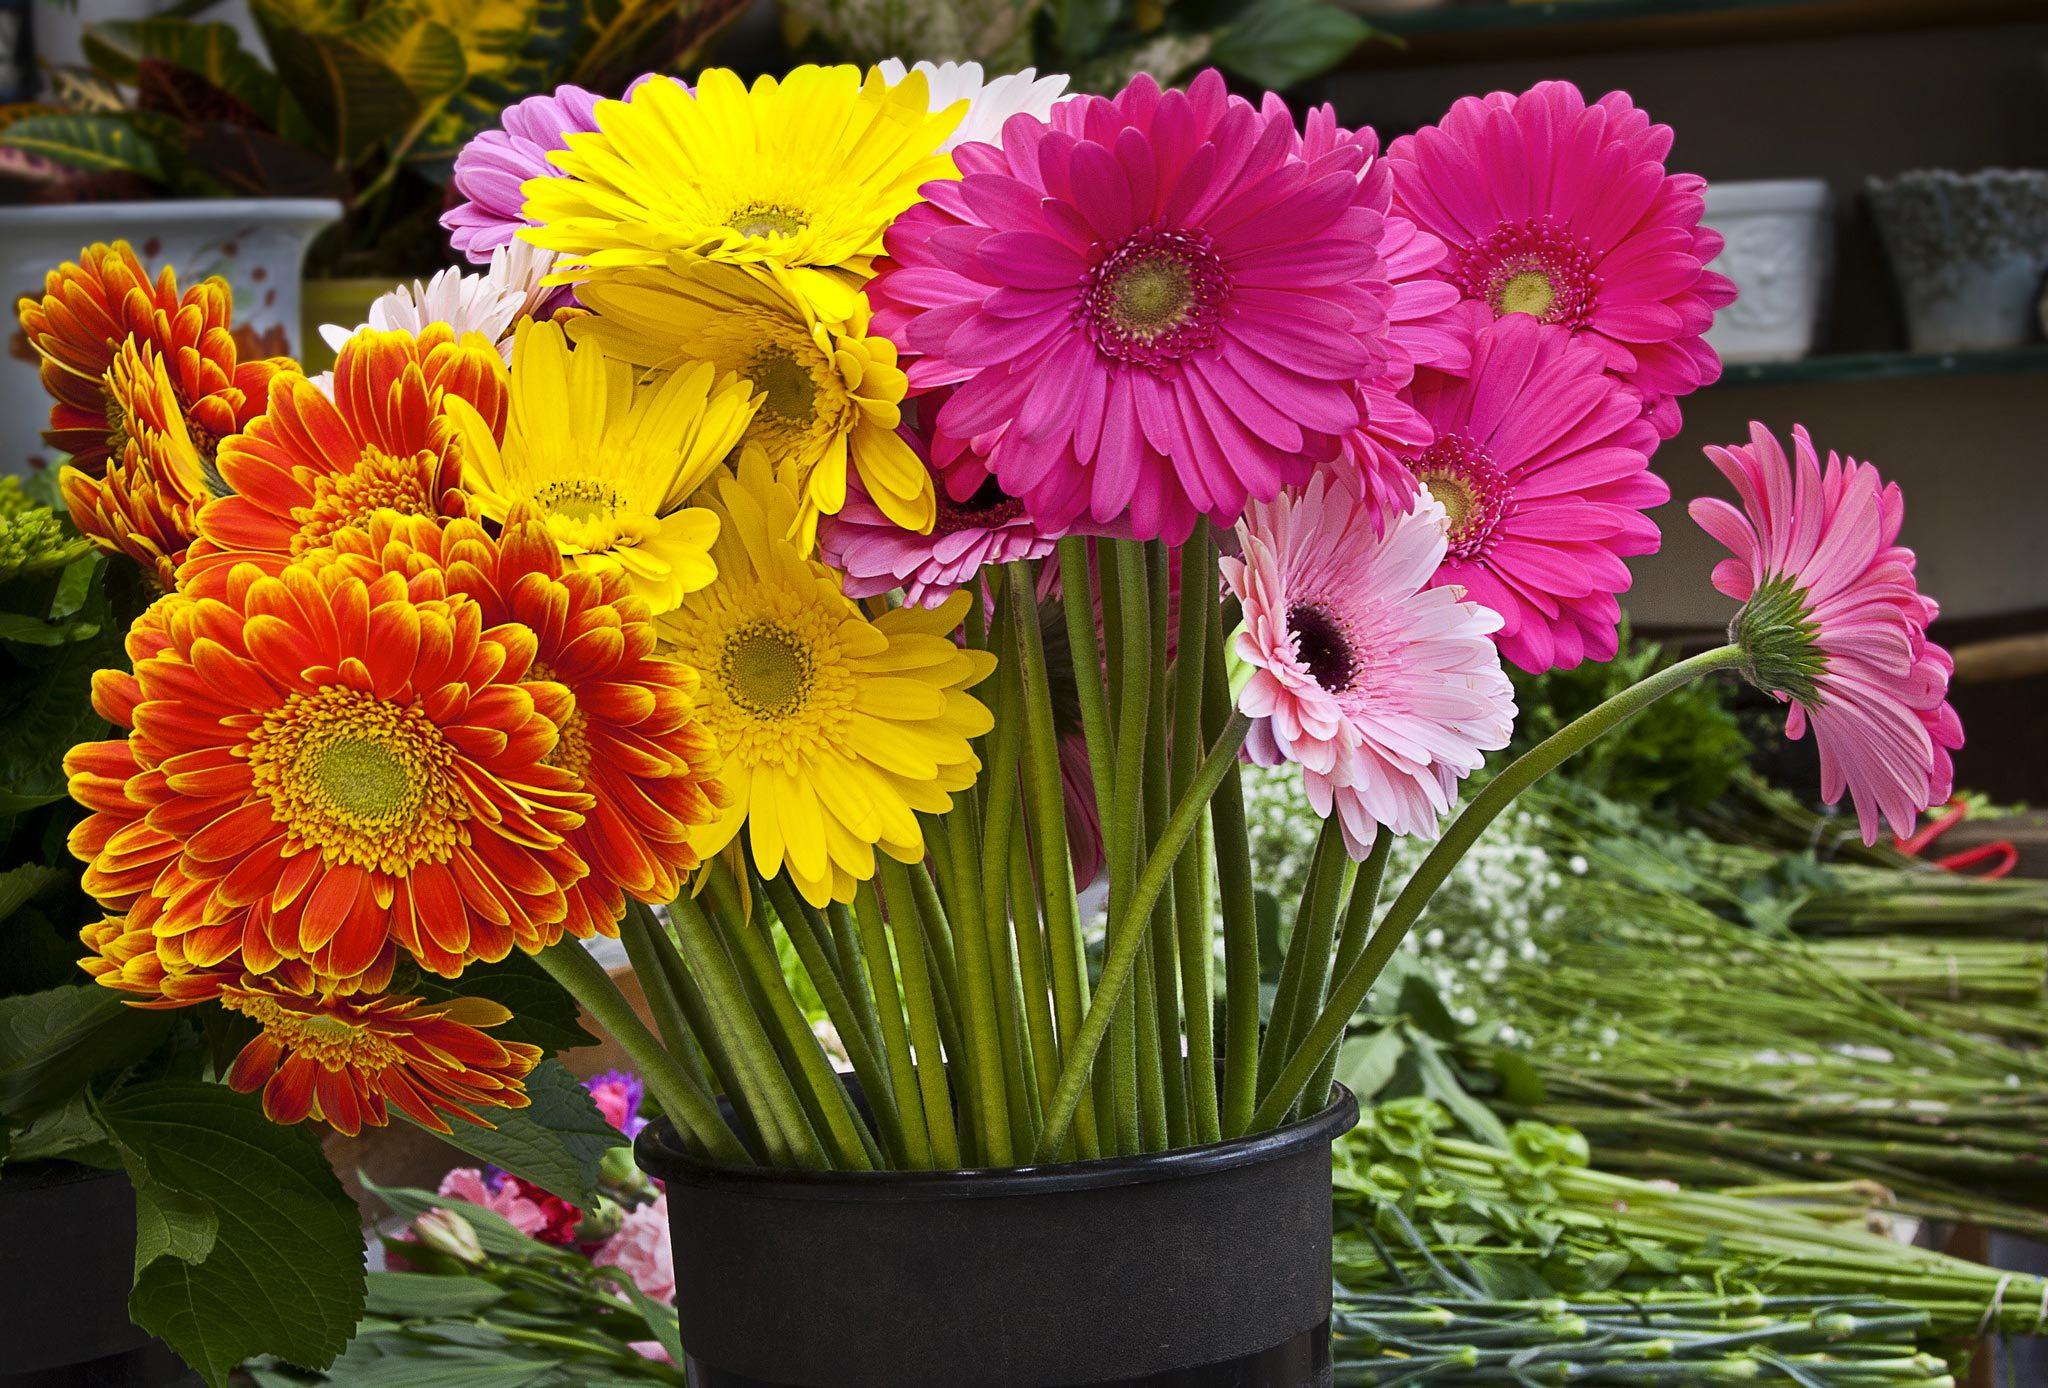 Couleurs de roses et autres fleurs : le gerbera pour les relations profondes et expérimentées.